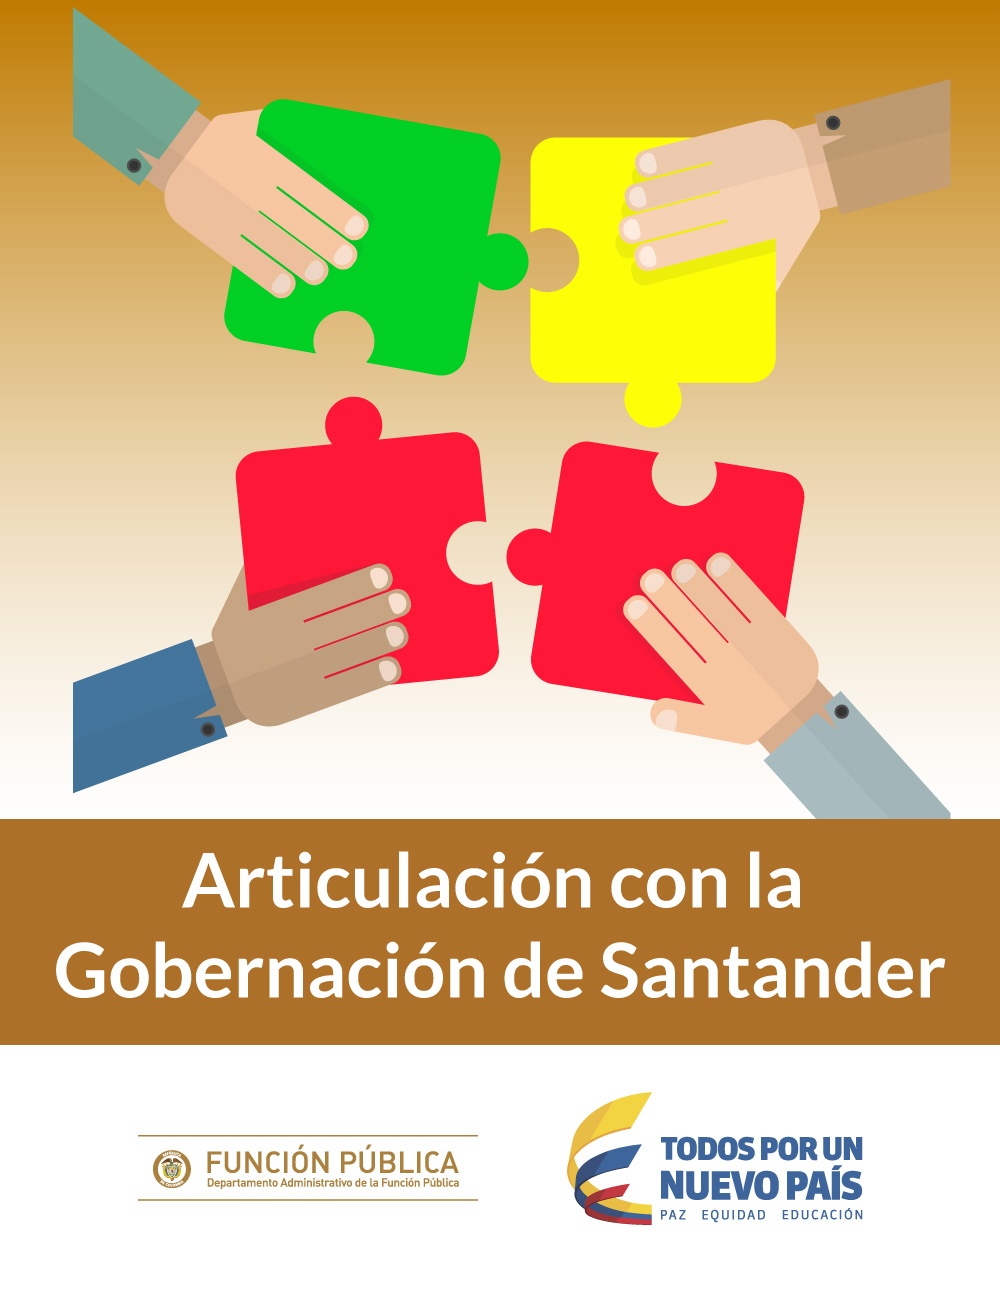 Articulación con la Gobernación de Santander